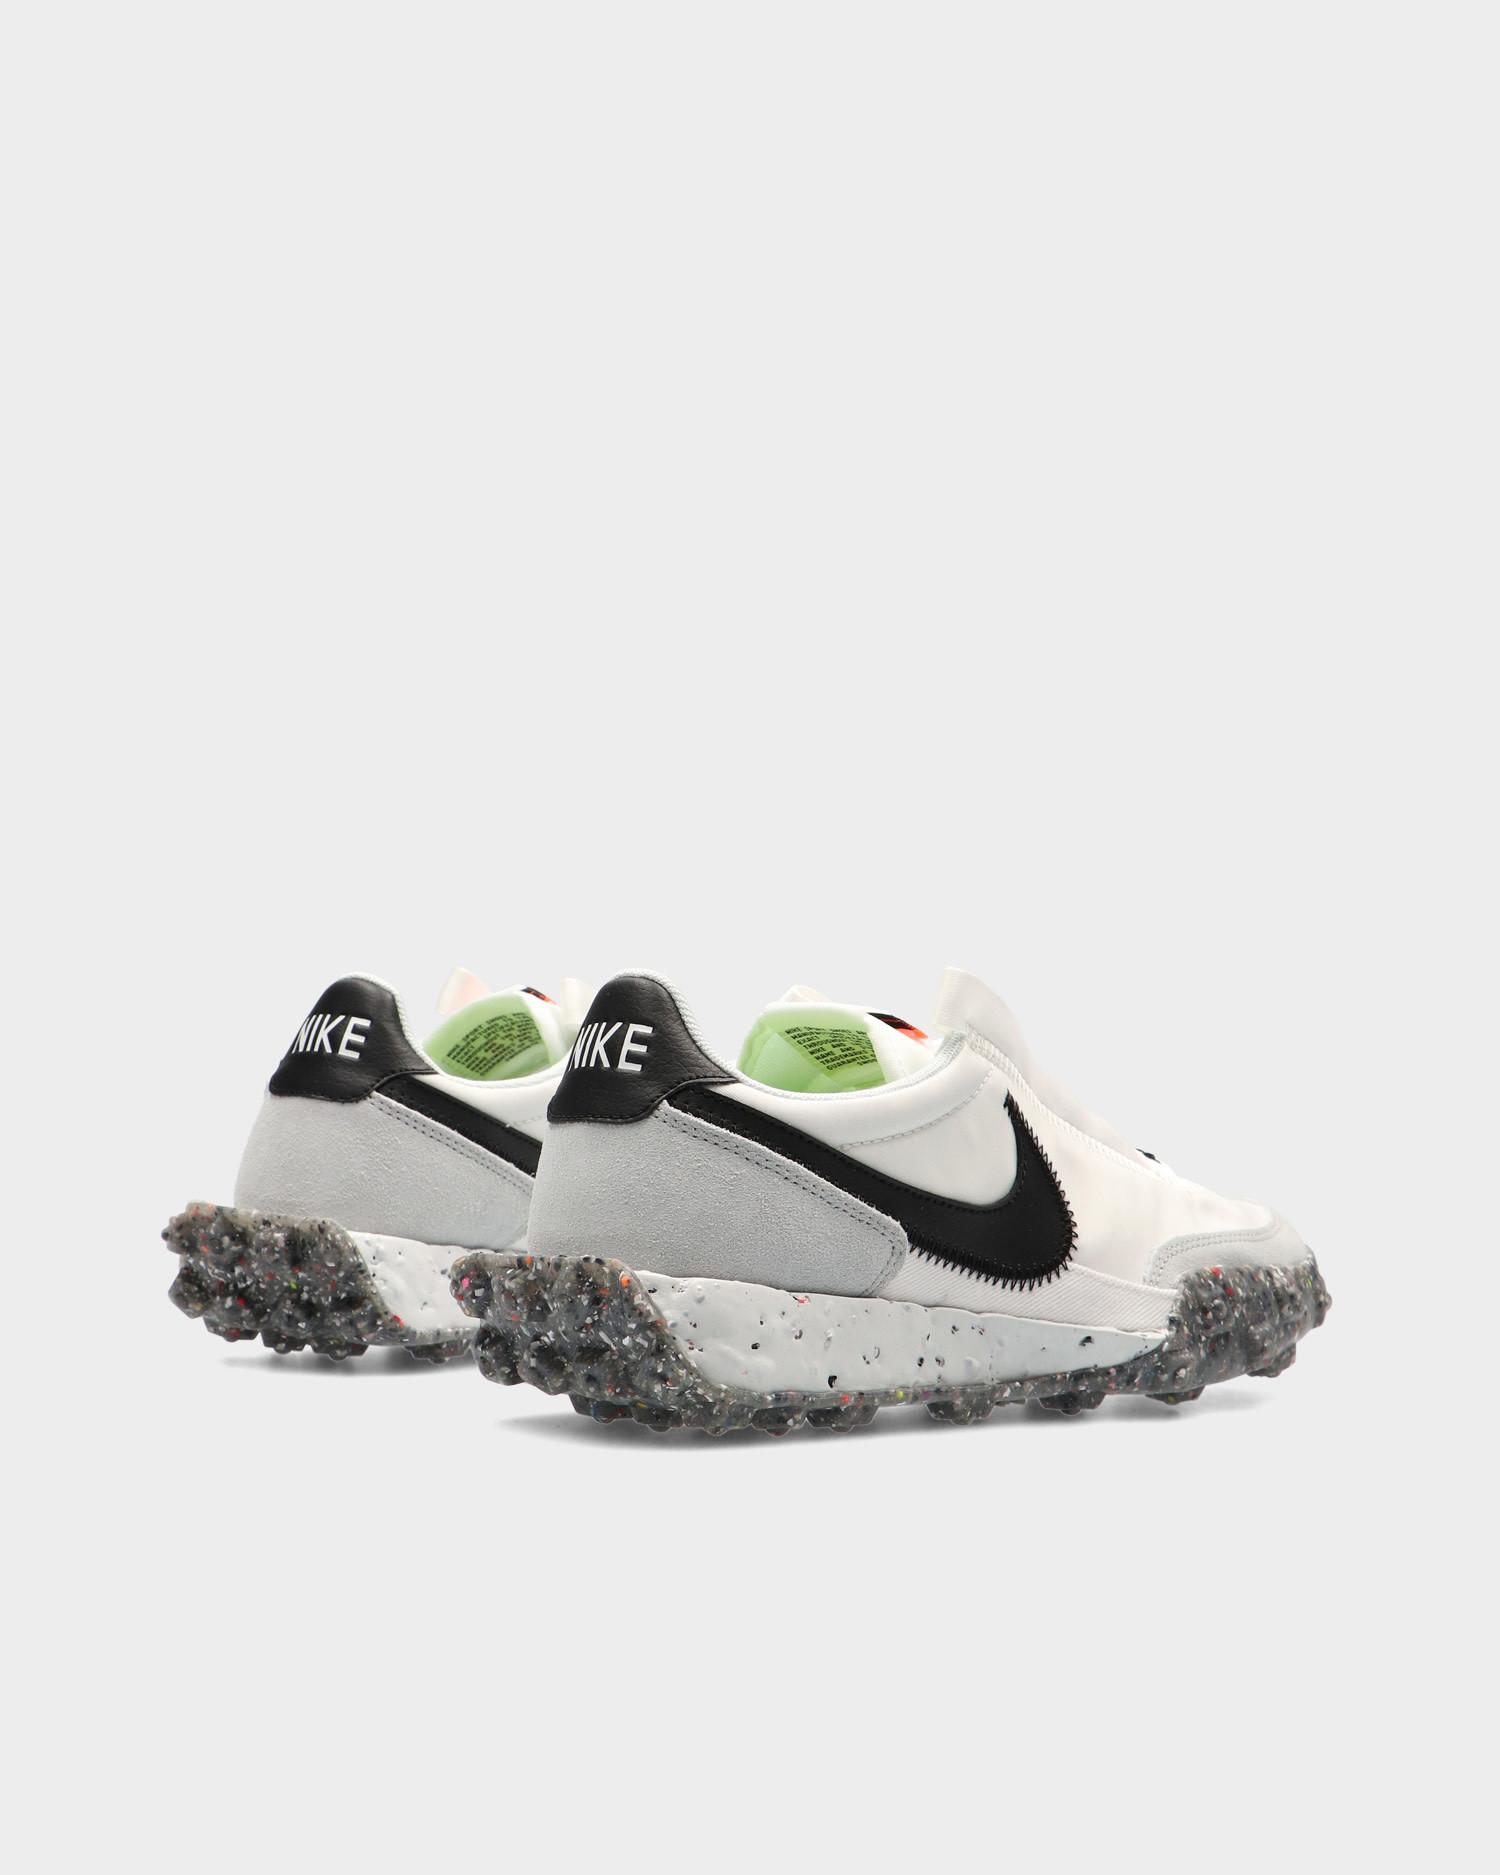 Nike Waffle Racer Crater Summit White/Black